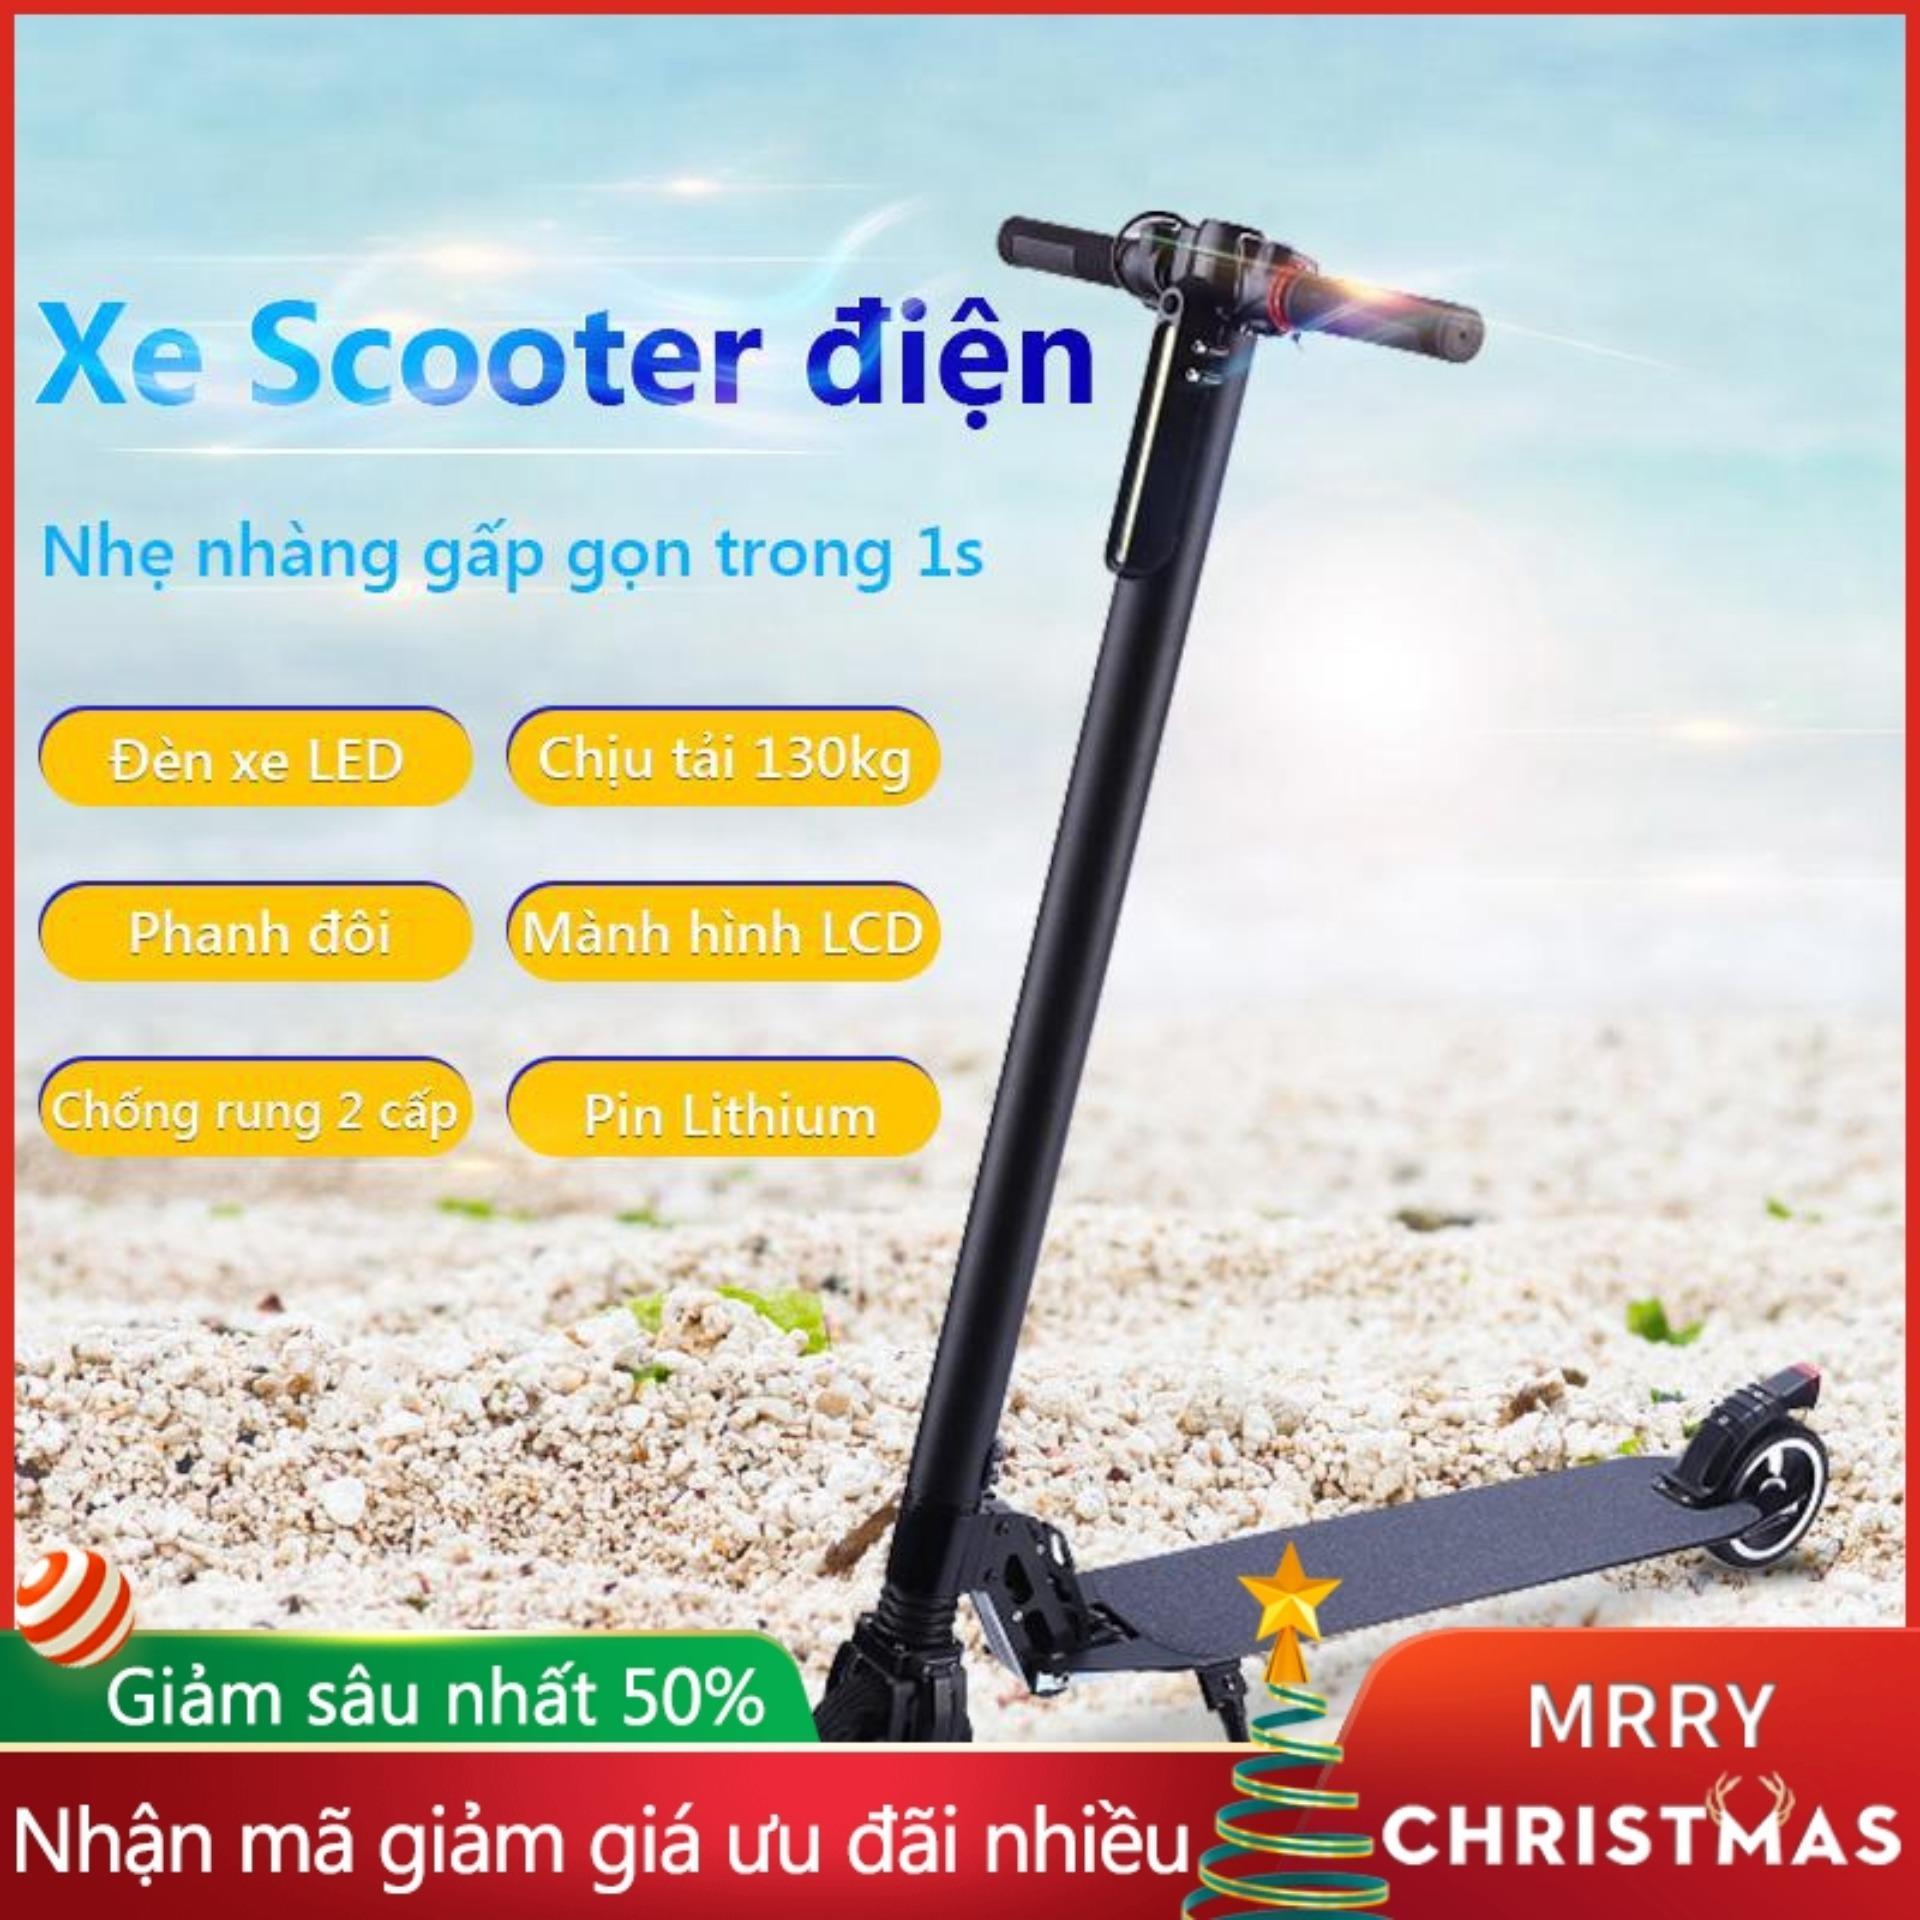 Mua Xe Scooter xe trượt điện mini có thể gấp thanh thiếu niên nam nữ đi làm đi học tiện lợi TopOne2020